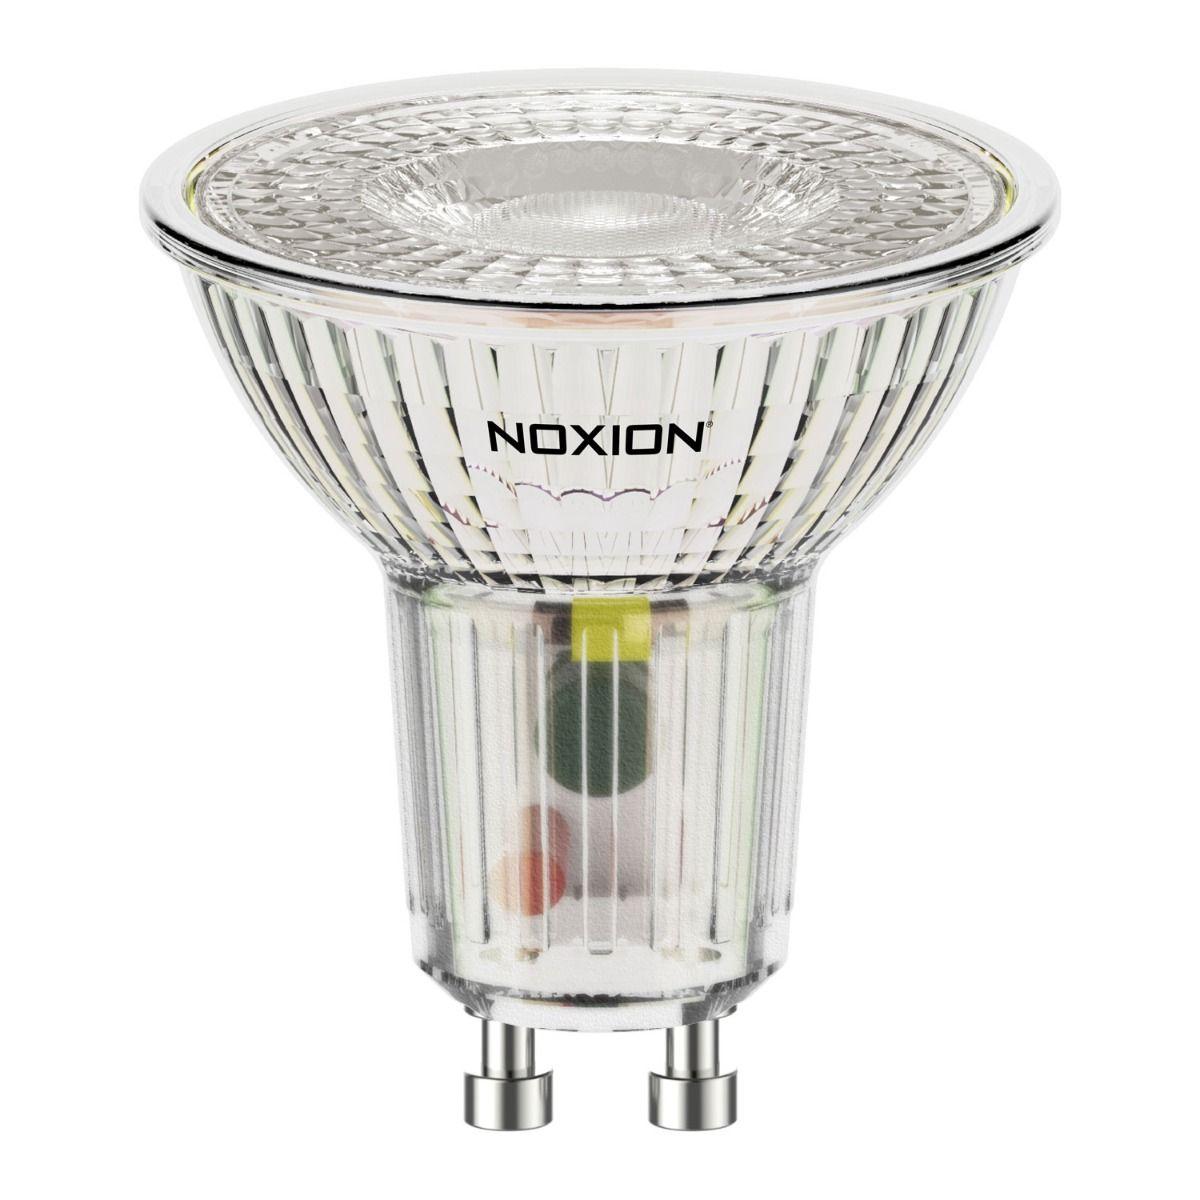 Noxion LED-Strahler GU10 3.7W 827 36D 260lm | Extra Warmweiß - Ersatz für 35W